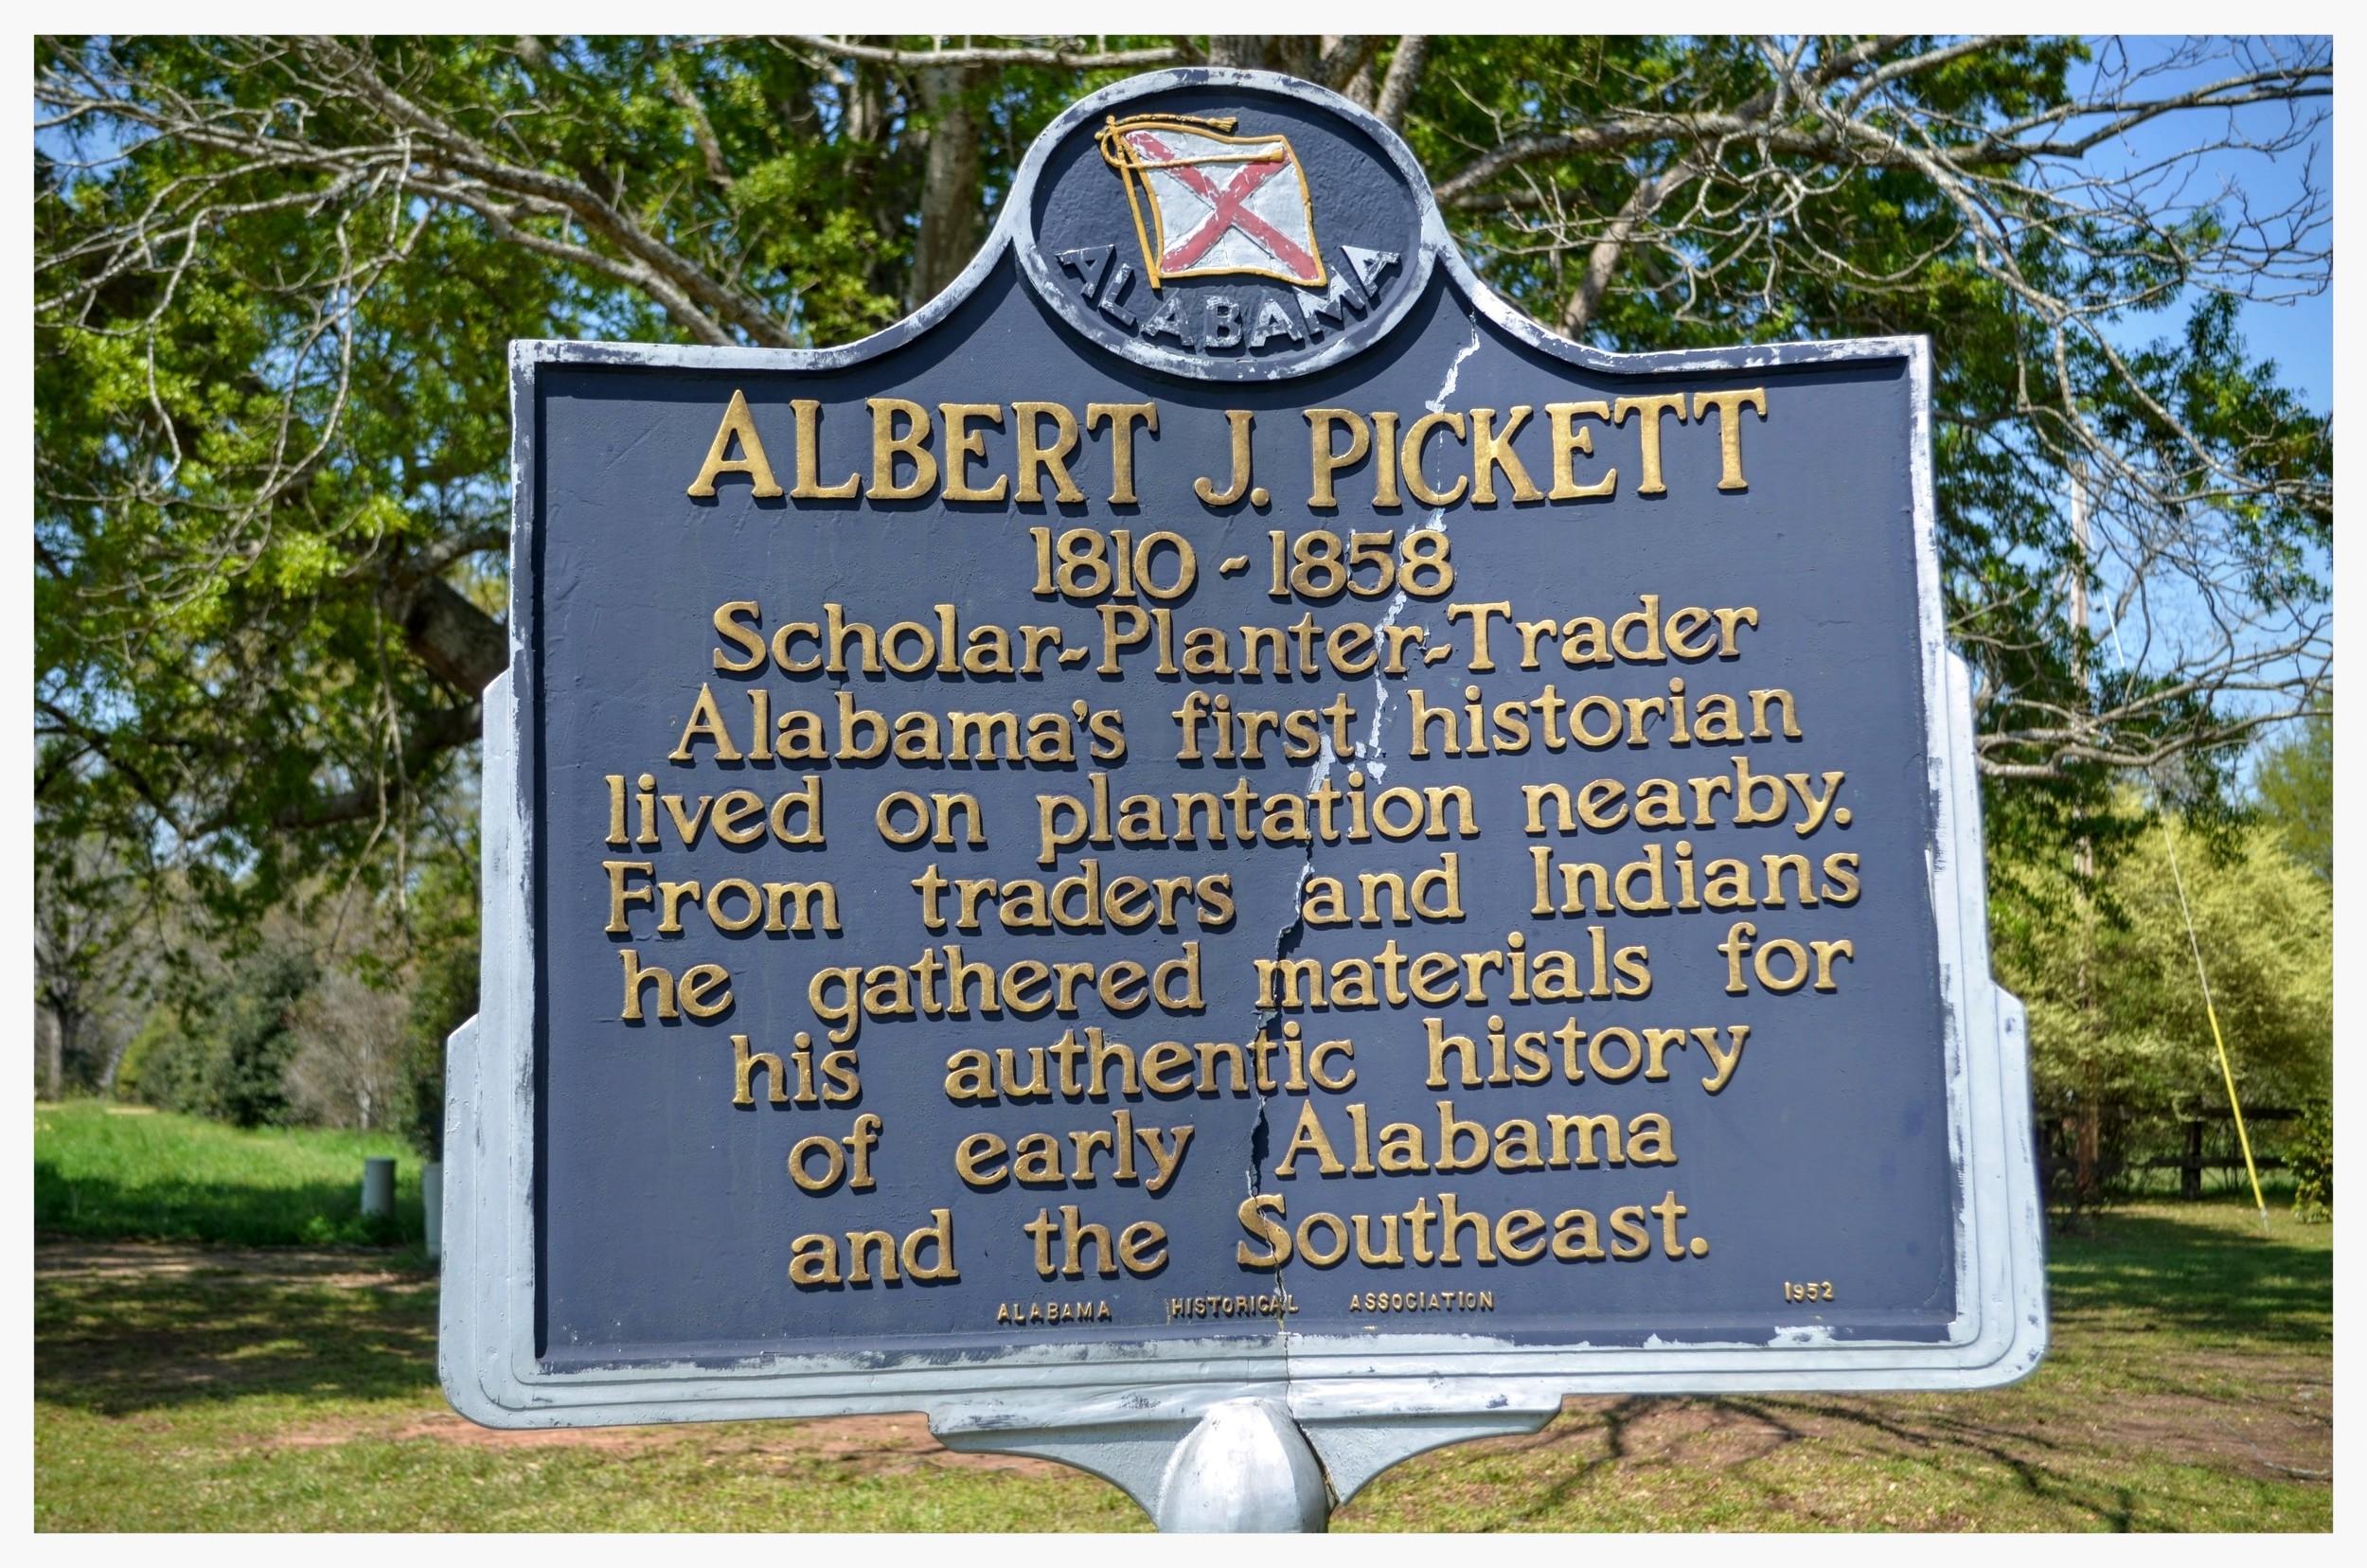 Albert J. Pickett historical marker, Autaugaville, Autauga County, Alabama